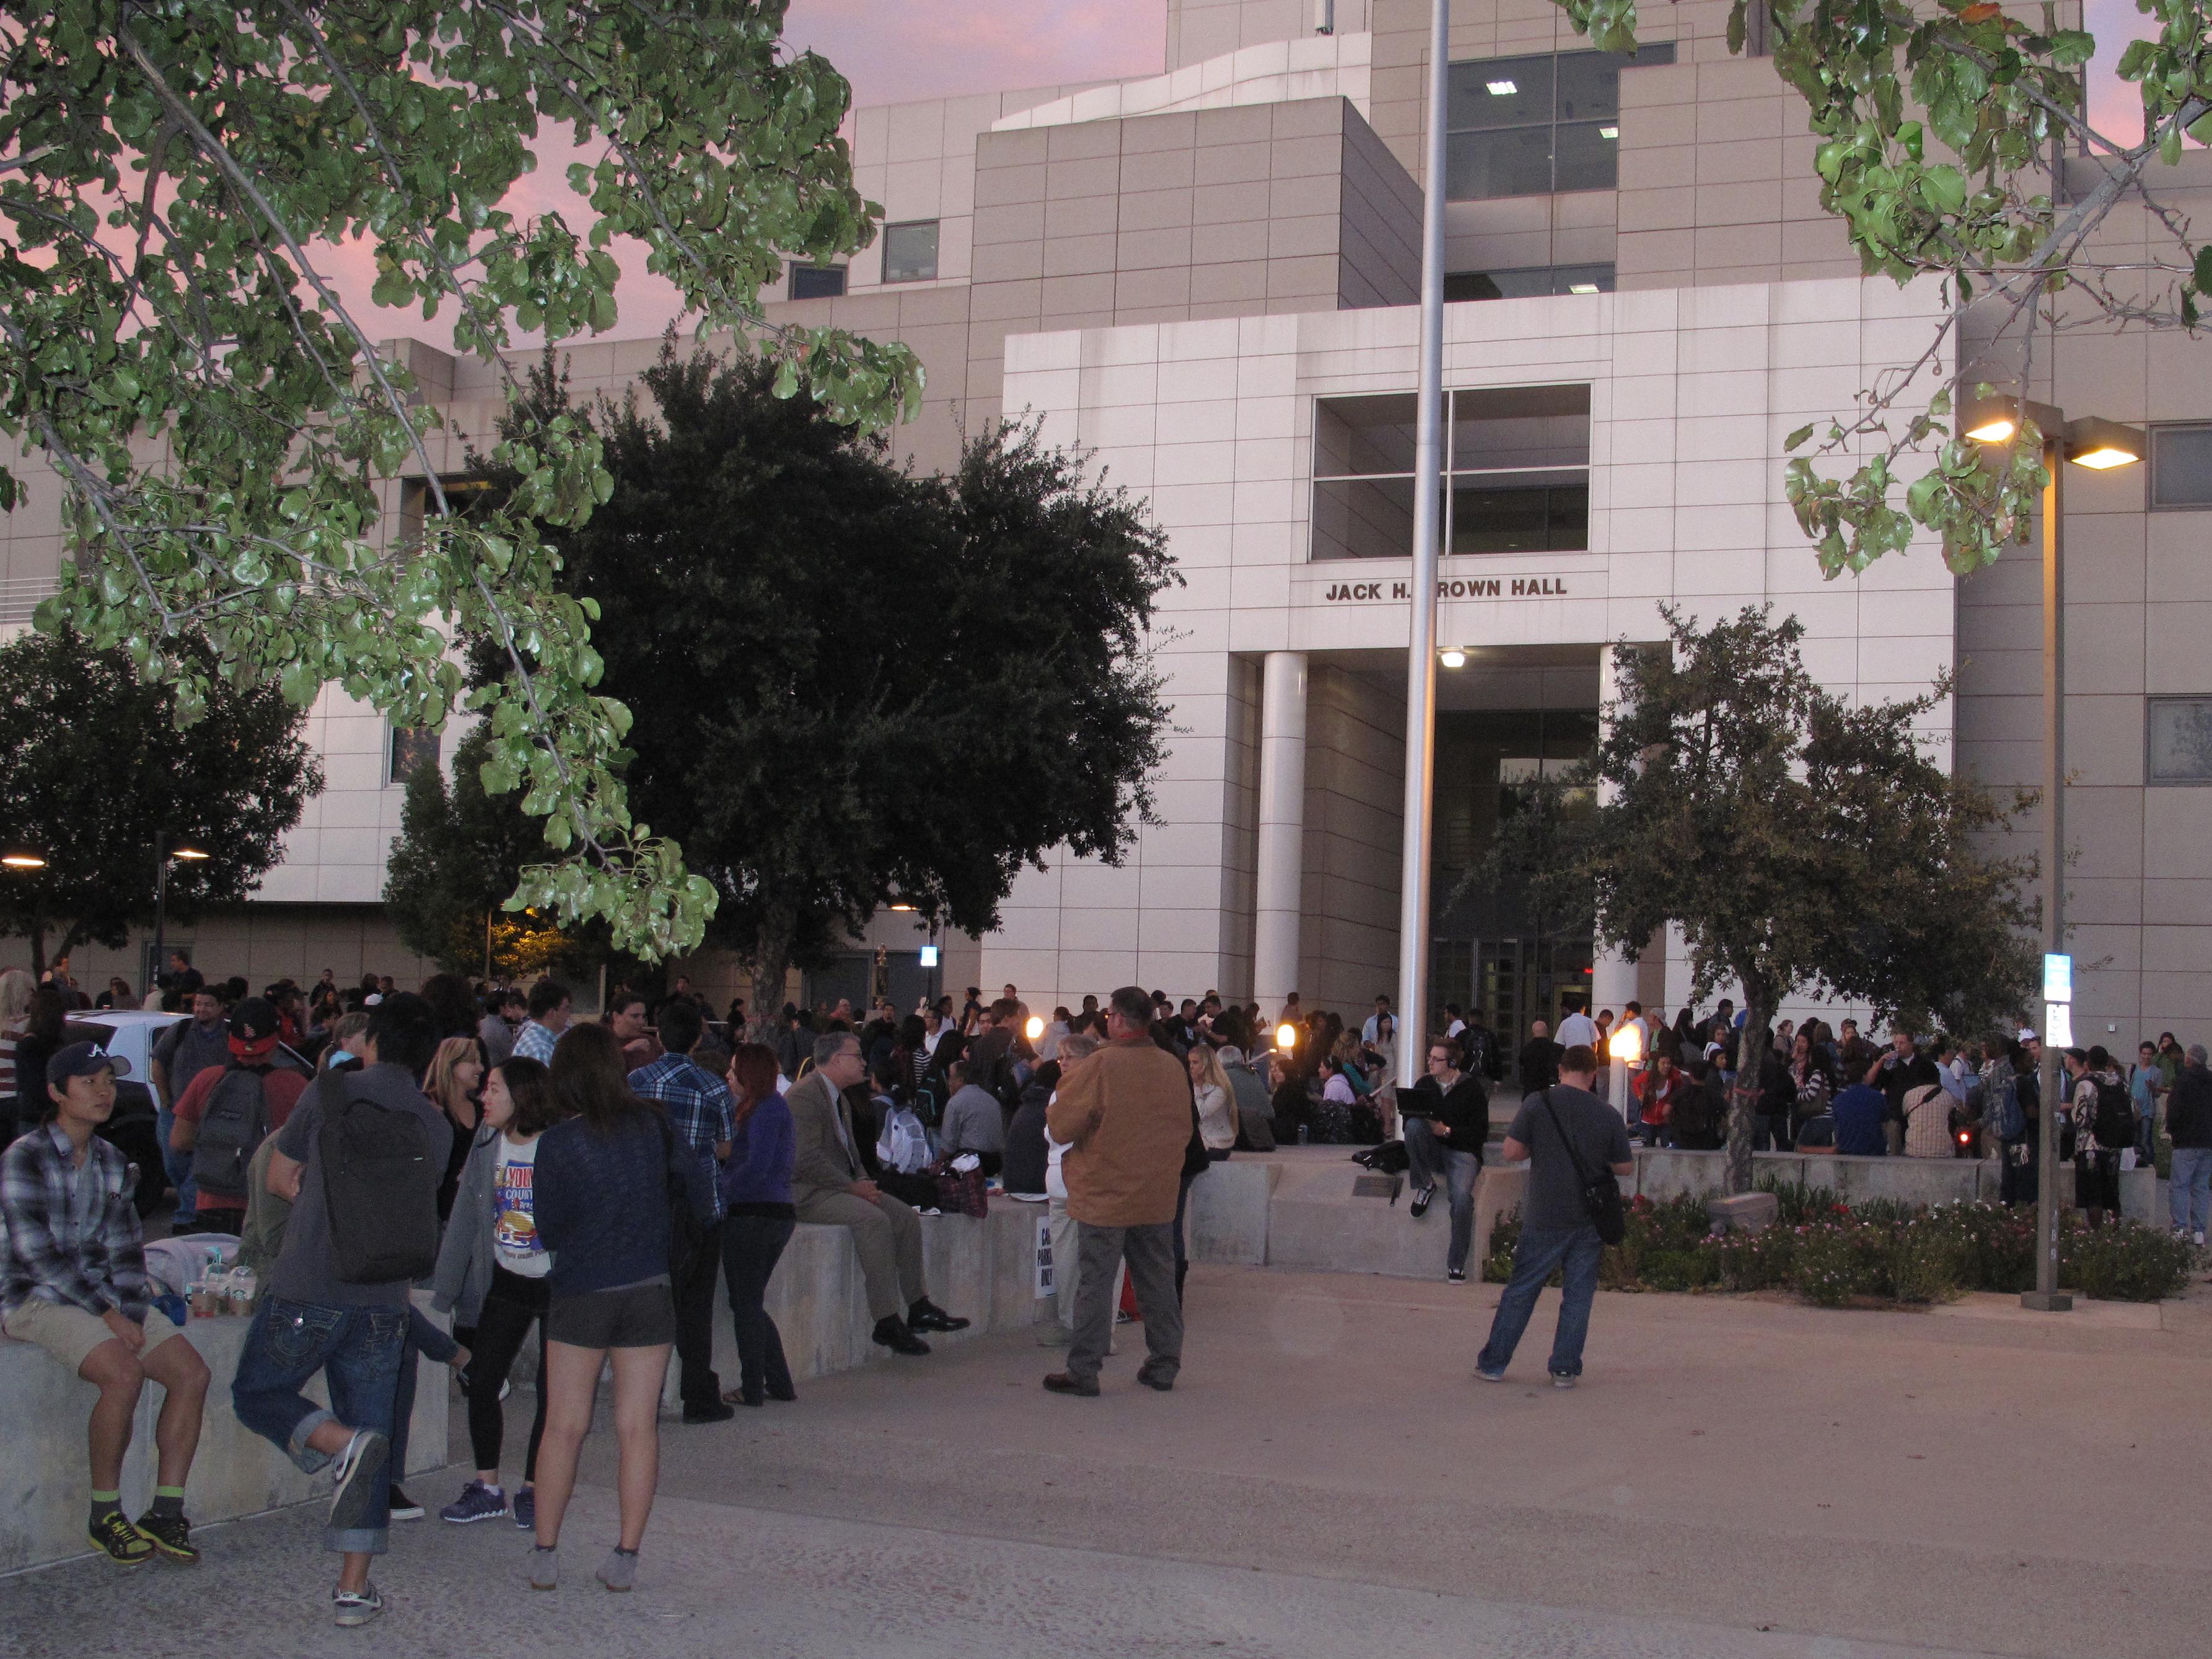 Jack Brown Hall Evacuated